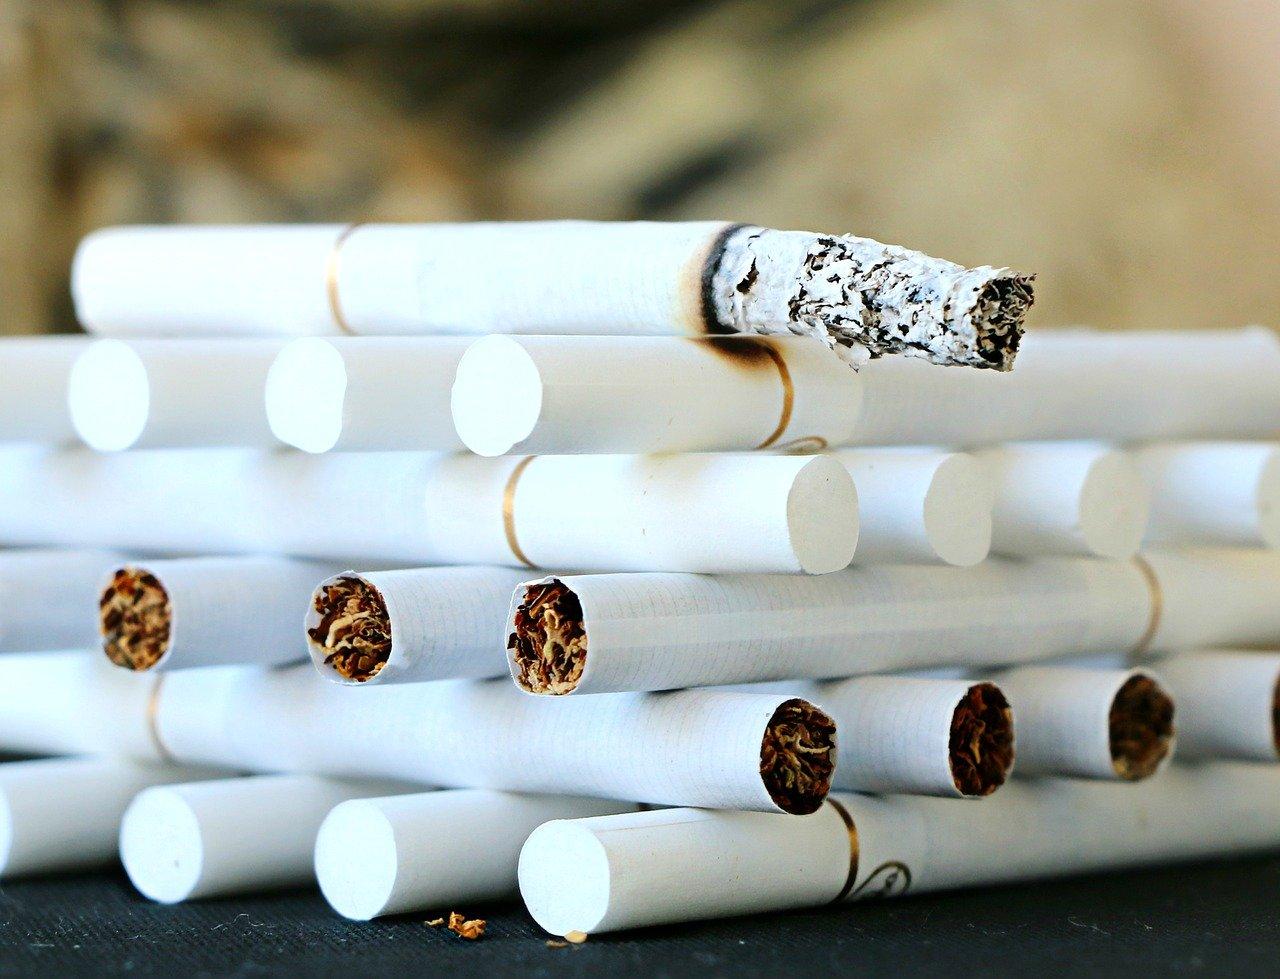 Табачные изделия это пищевая продукция или нет электронные сигареты одноразовые устройство